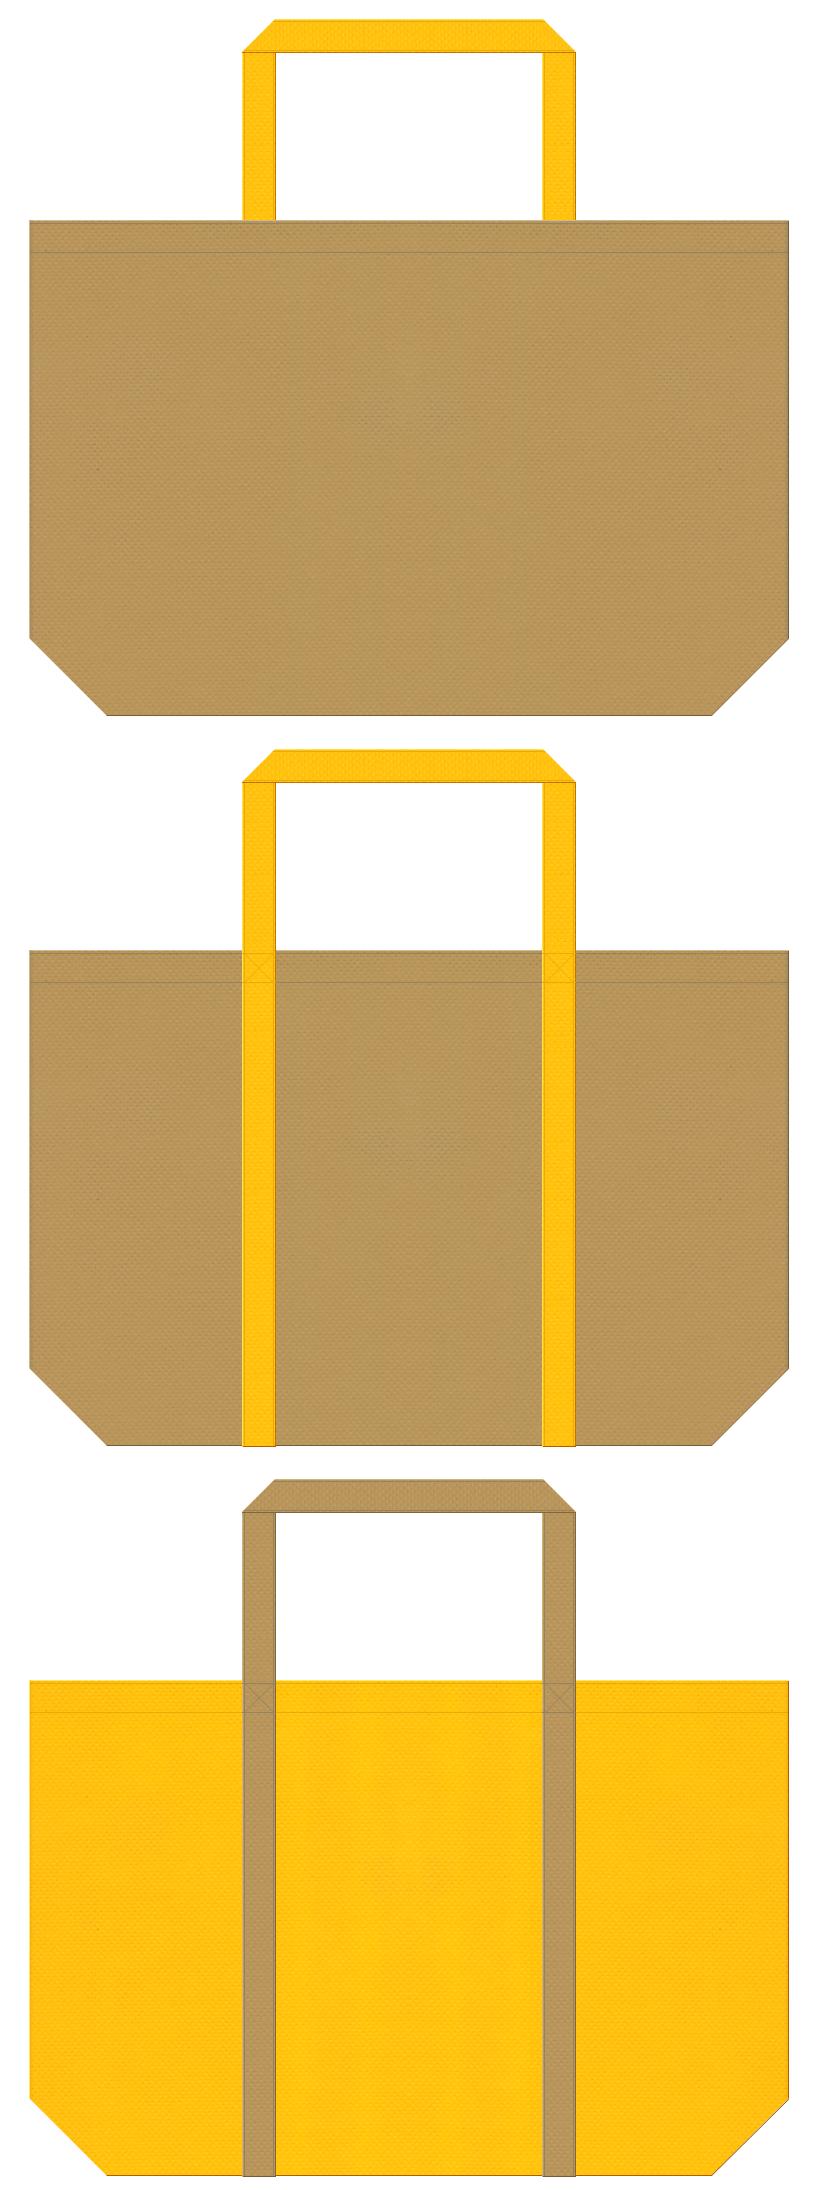 金色系黄土色と黄色の不織布バッグデザイン。ピラミッド・黄金・マロンケーキのイメージにお奨めの配色です。